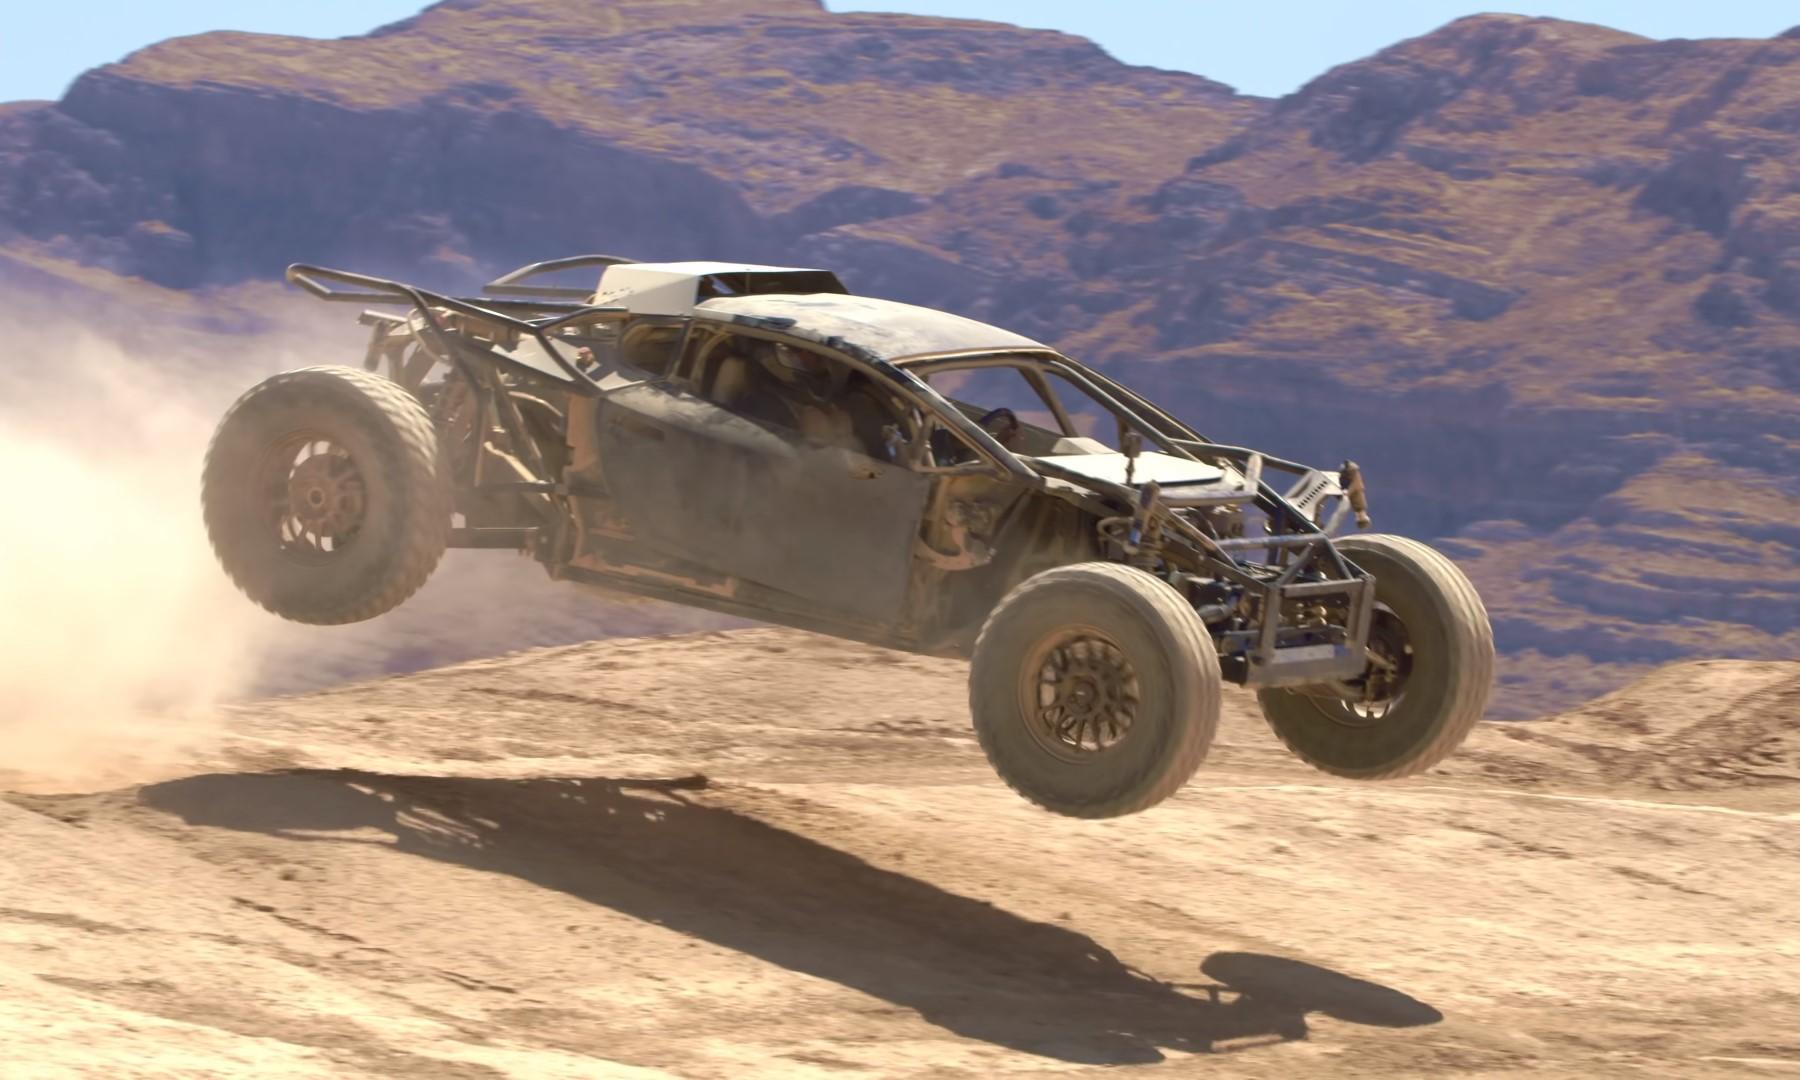 Lamborghini Jumpacan jumping